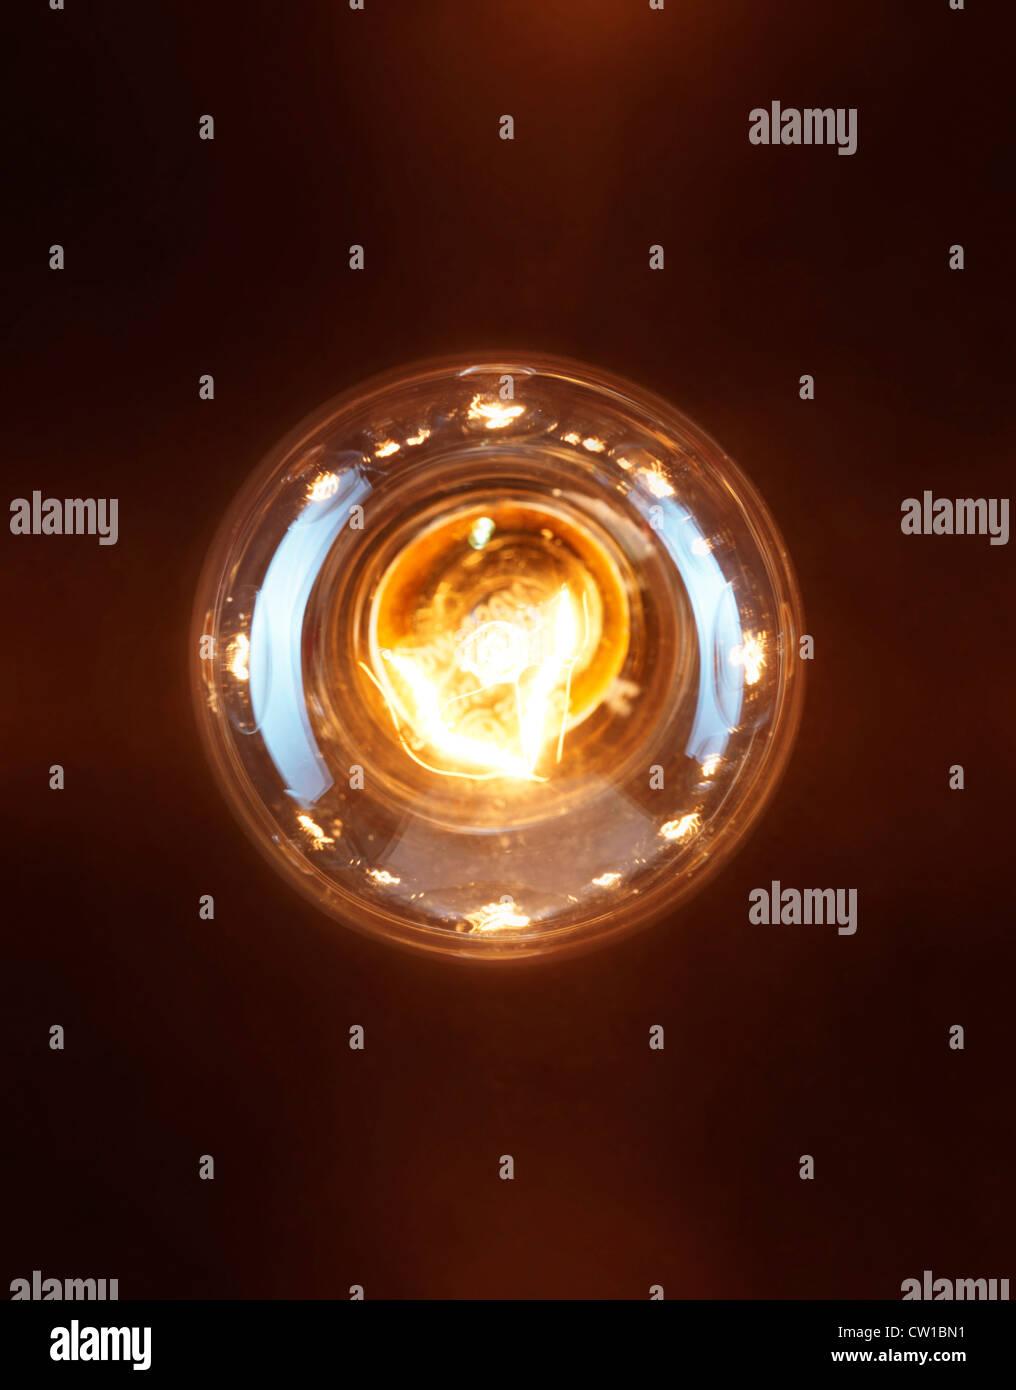 Einzelne Leuchten Glühbirne Glühlampe Wolfram auf schwarzem Hintergrund isoliert Stockbild